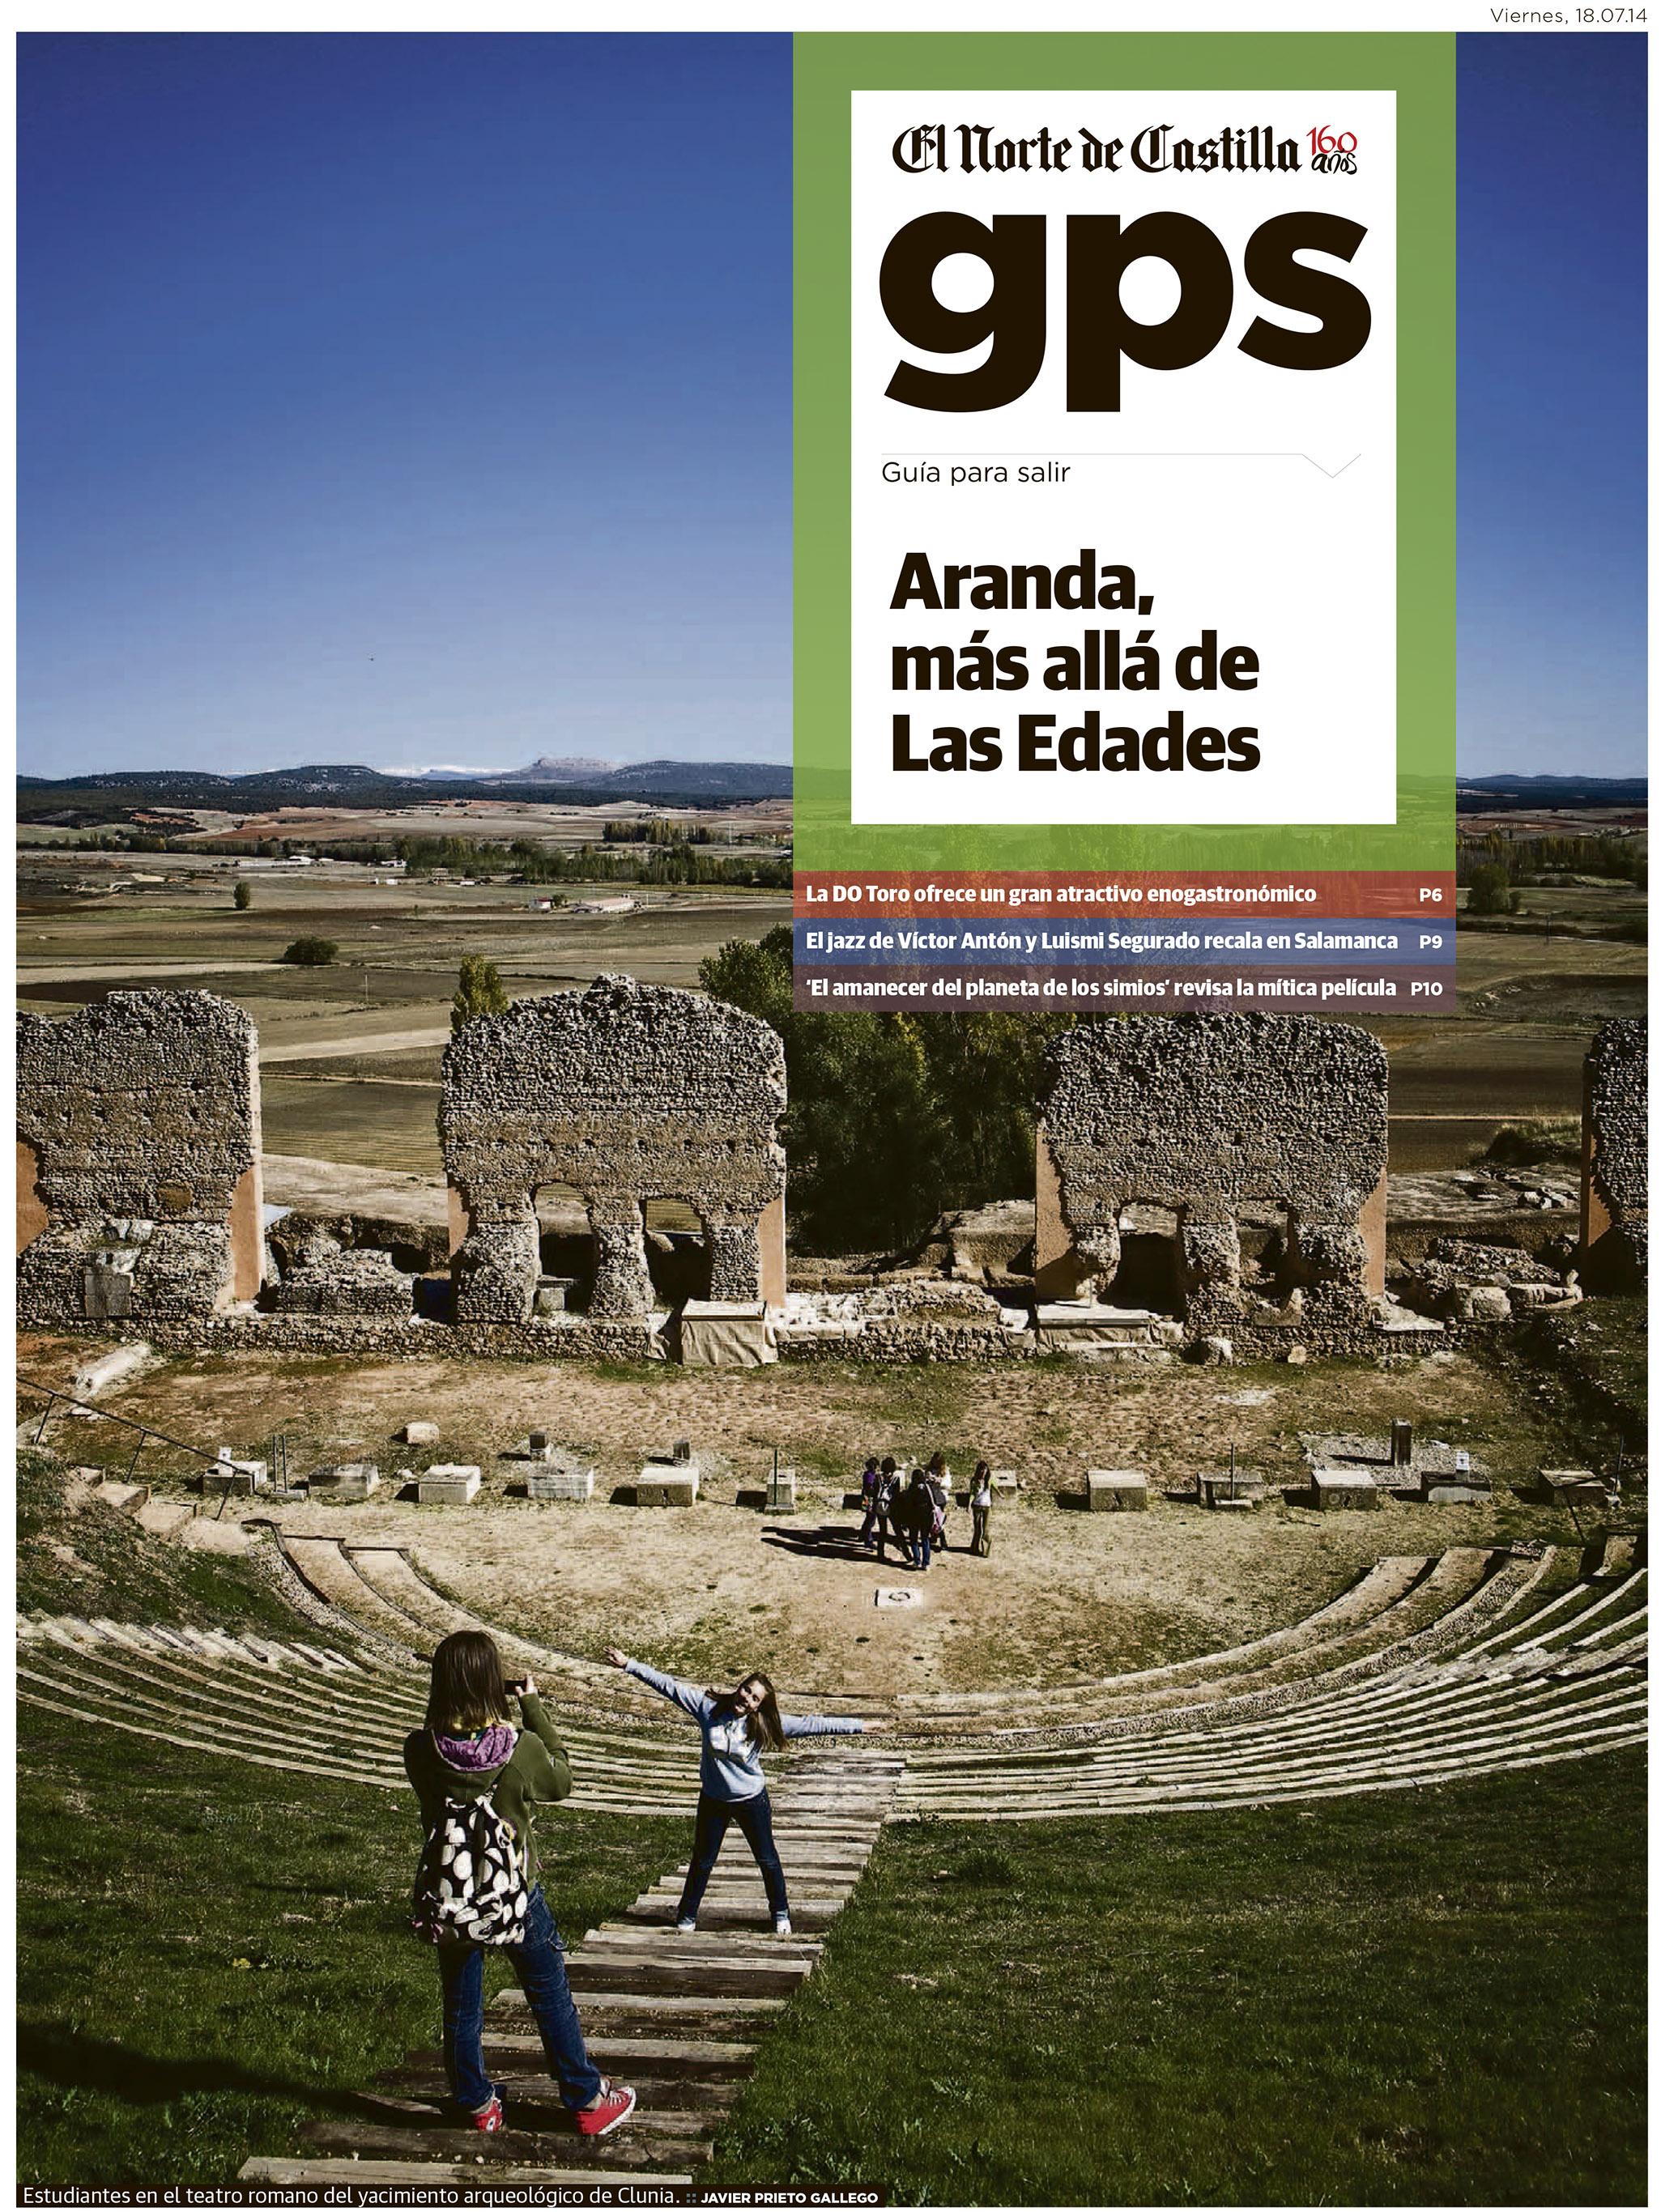 Un viaje en torno a Aranda de Duero. Reportaje de Javier Prieto Gallego en El Norte de Castilla